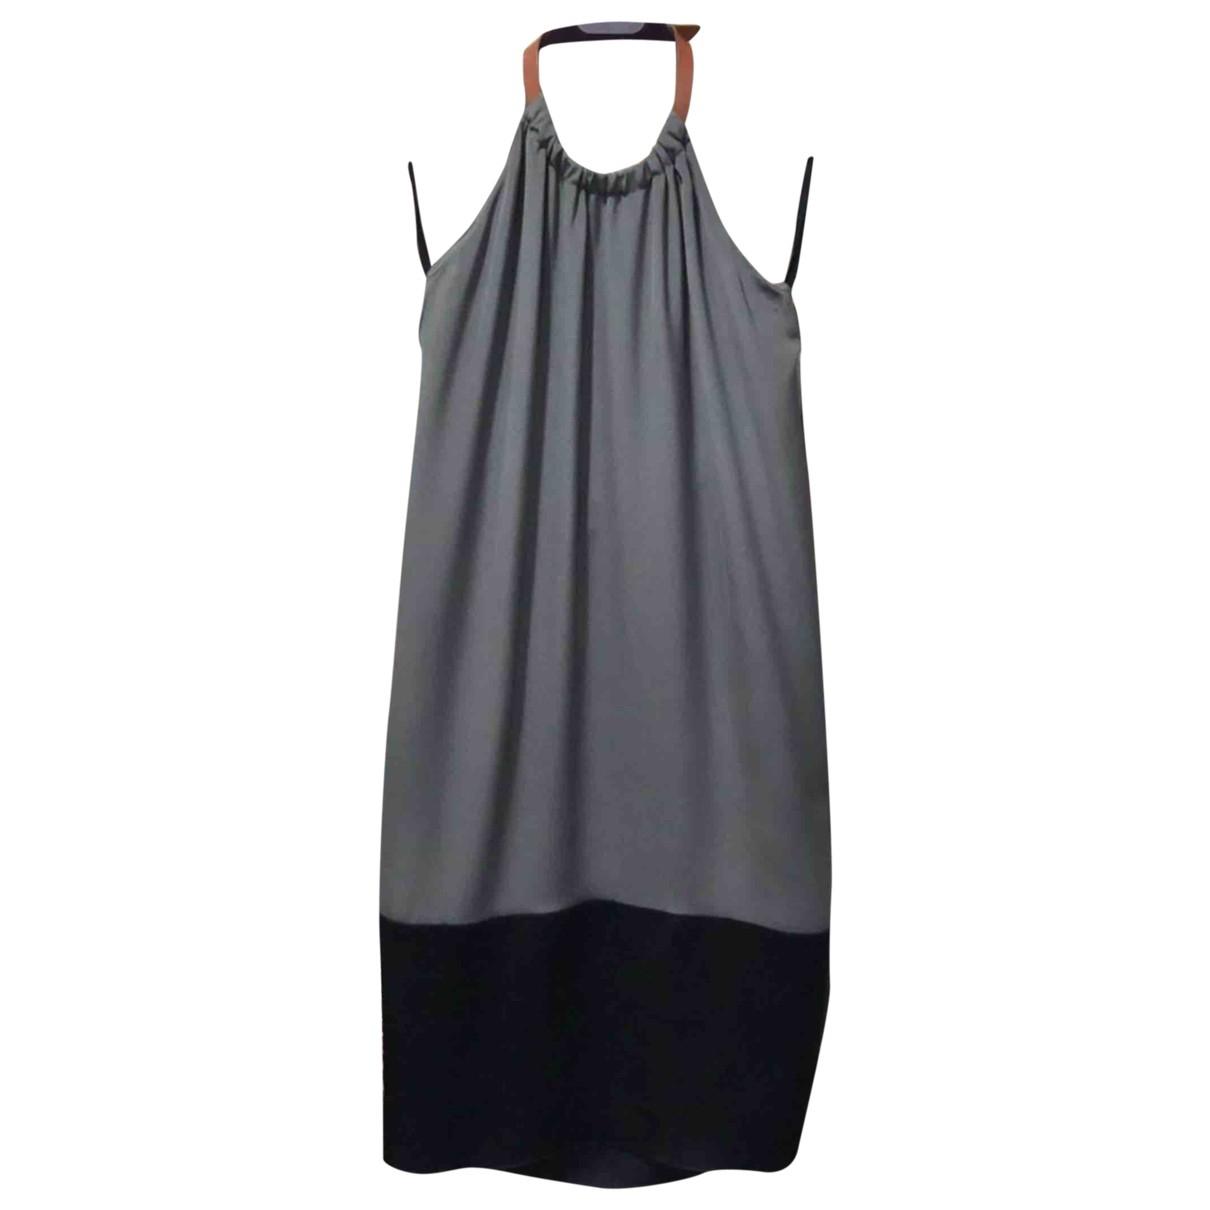 Celine \N khaki/black Silk dress for Women 34 FR